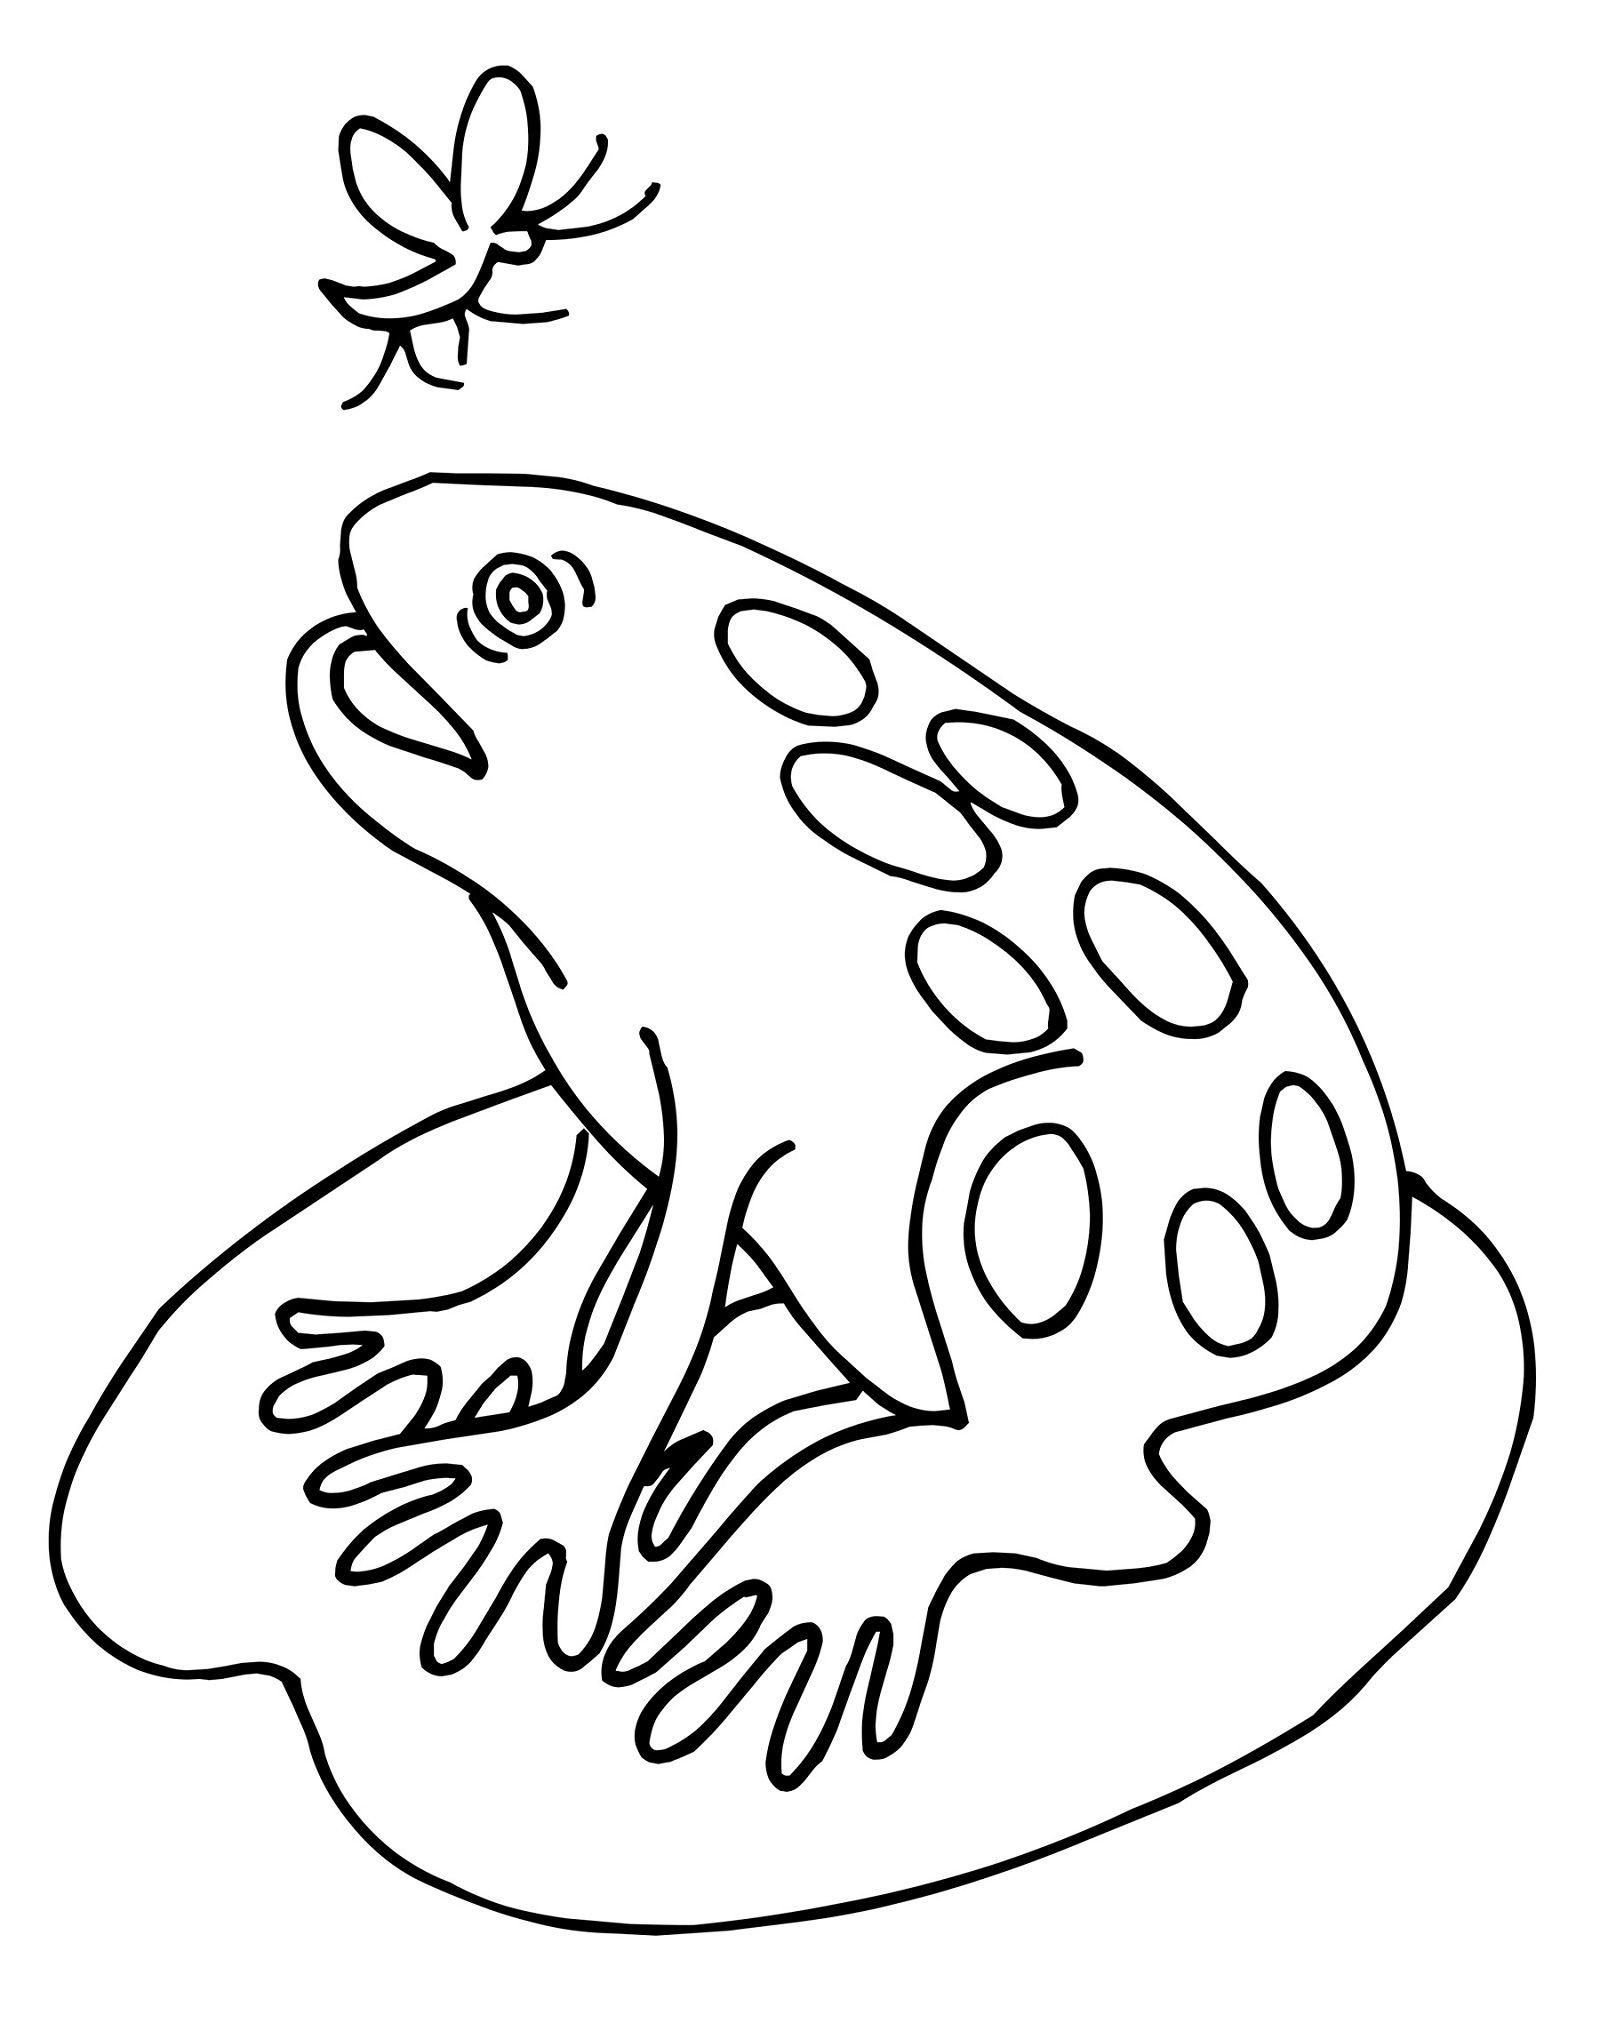 Frog Color Sheet for Kids | Kiddo Shelter | Coloring Pages for Kids ...